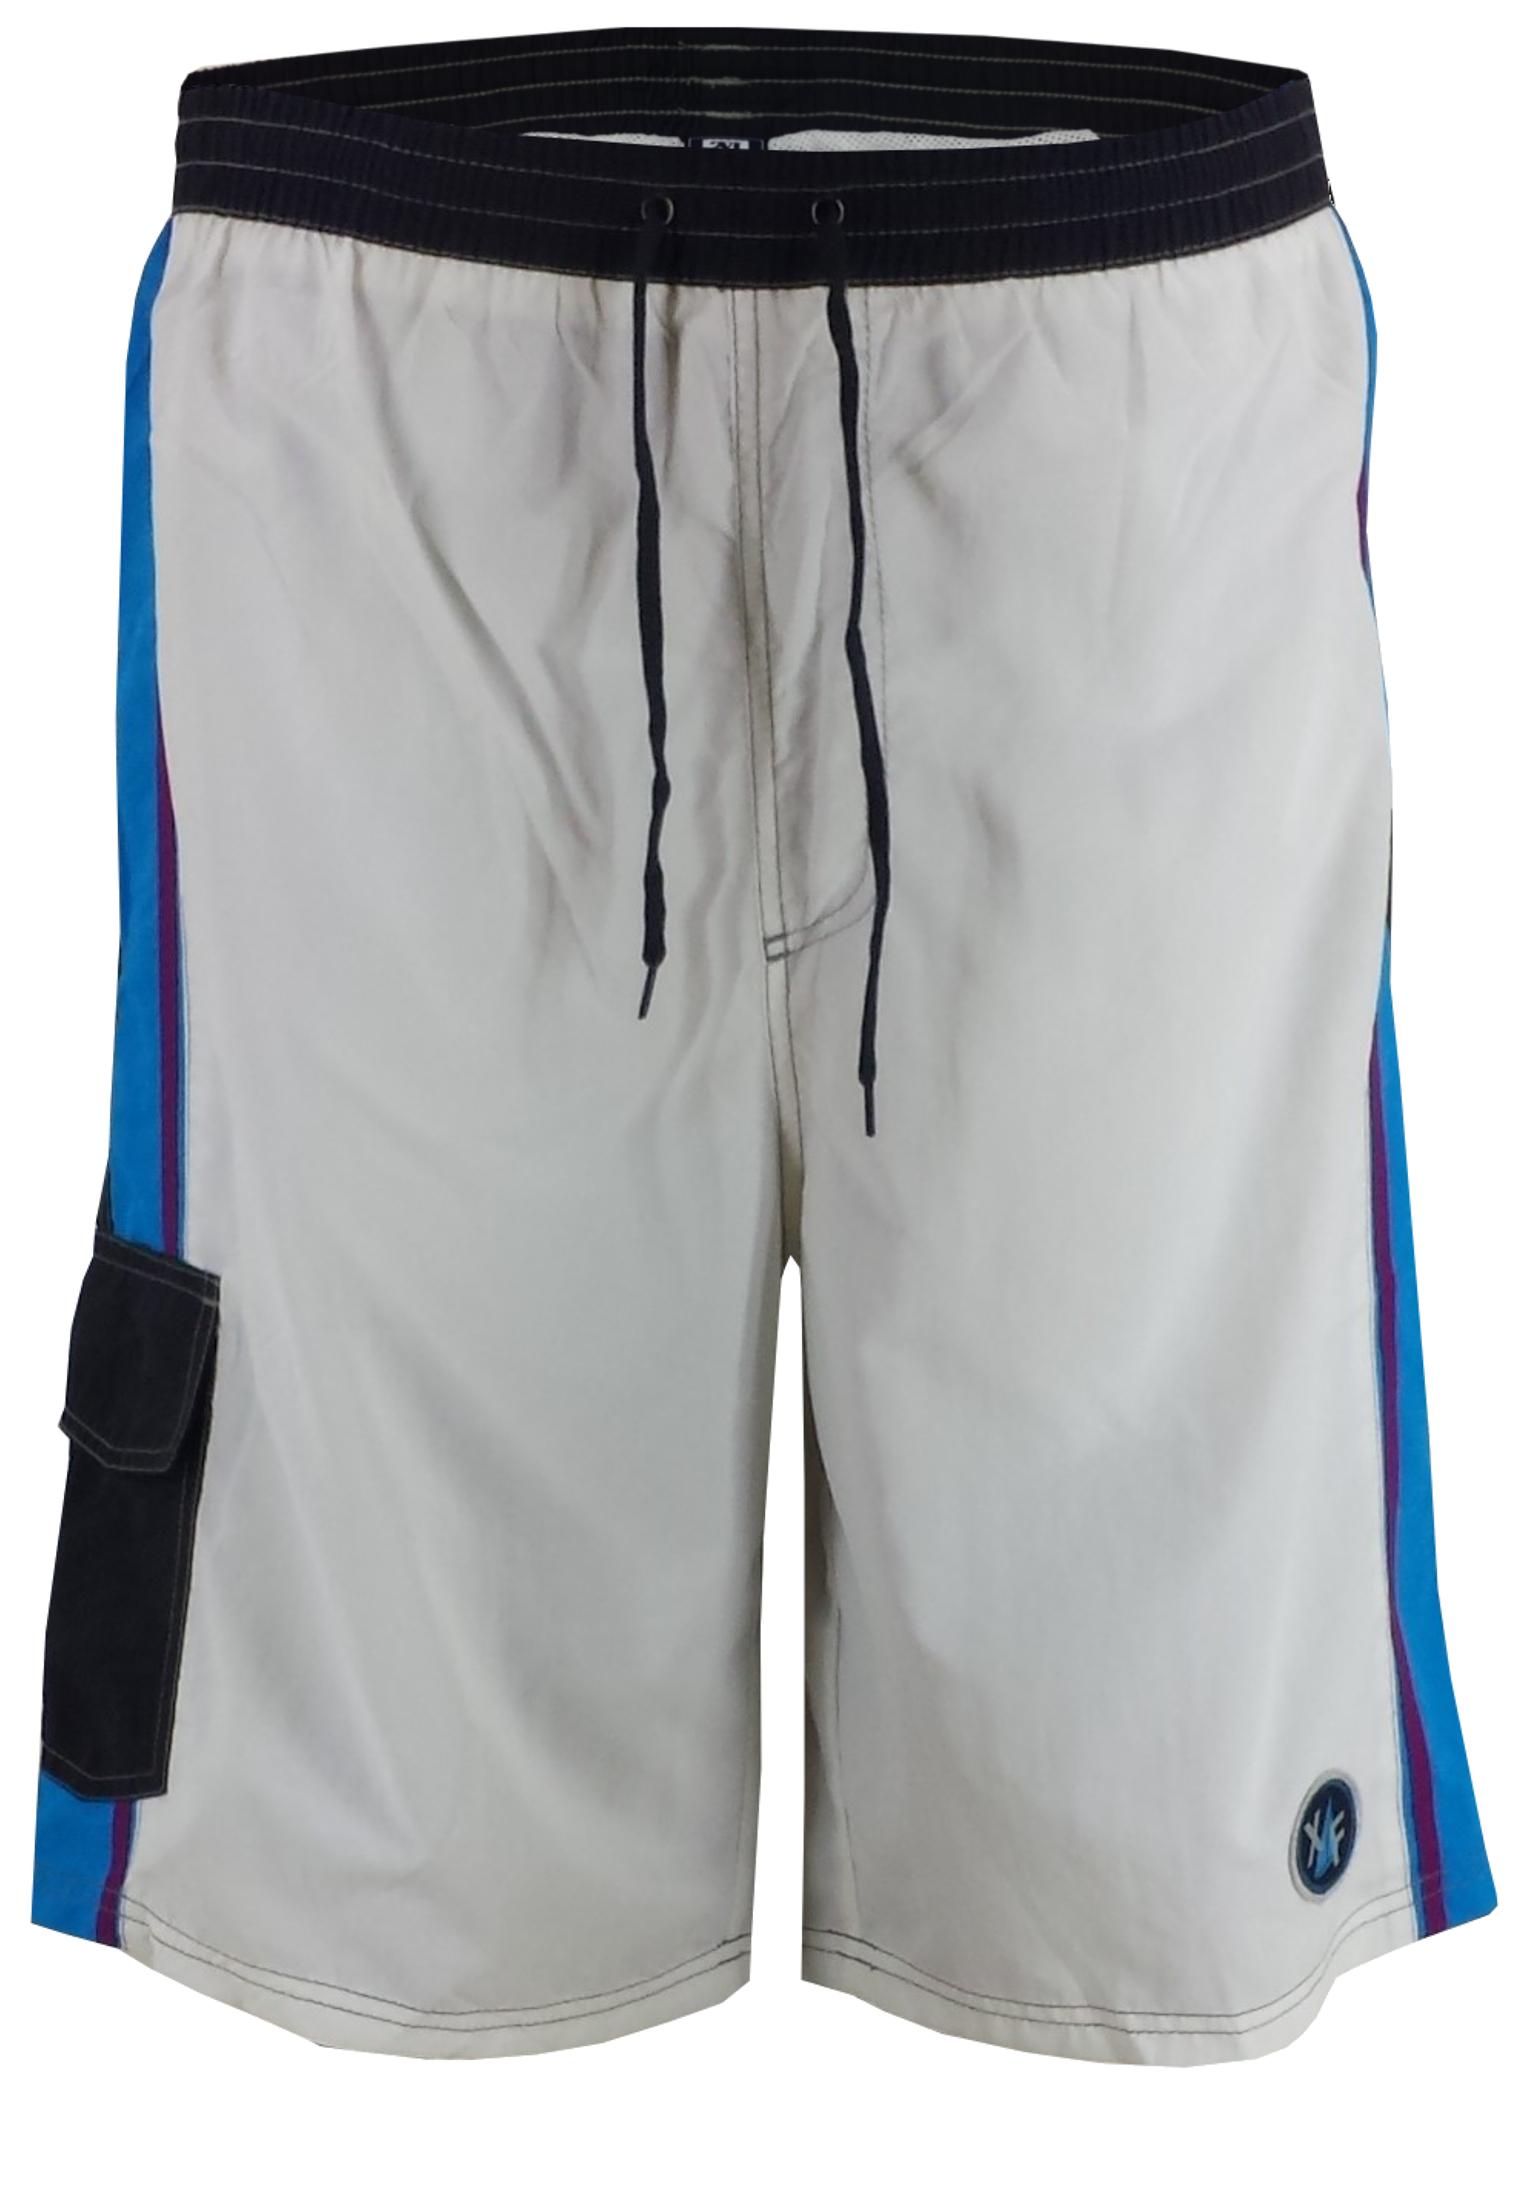 Kleurrijke zwemshort voorzien van een touwtje in de elastische tailleband, een met klittenband afsluitbare zak op het rechter been en een embleem aan de zoom van de linker pijp.Het zwemshort is voorzien van een binnenslip van net-materiaal.